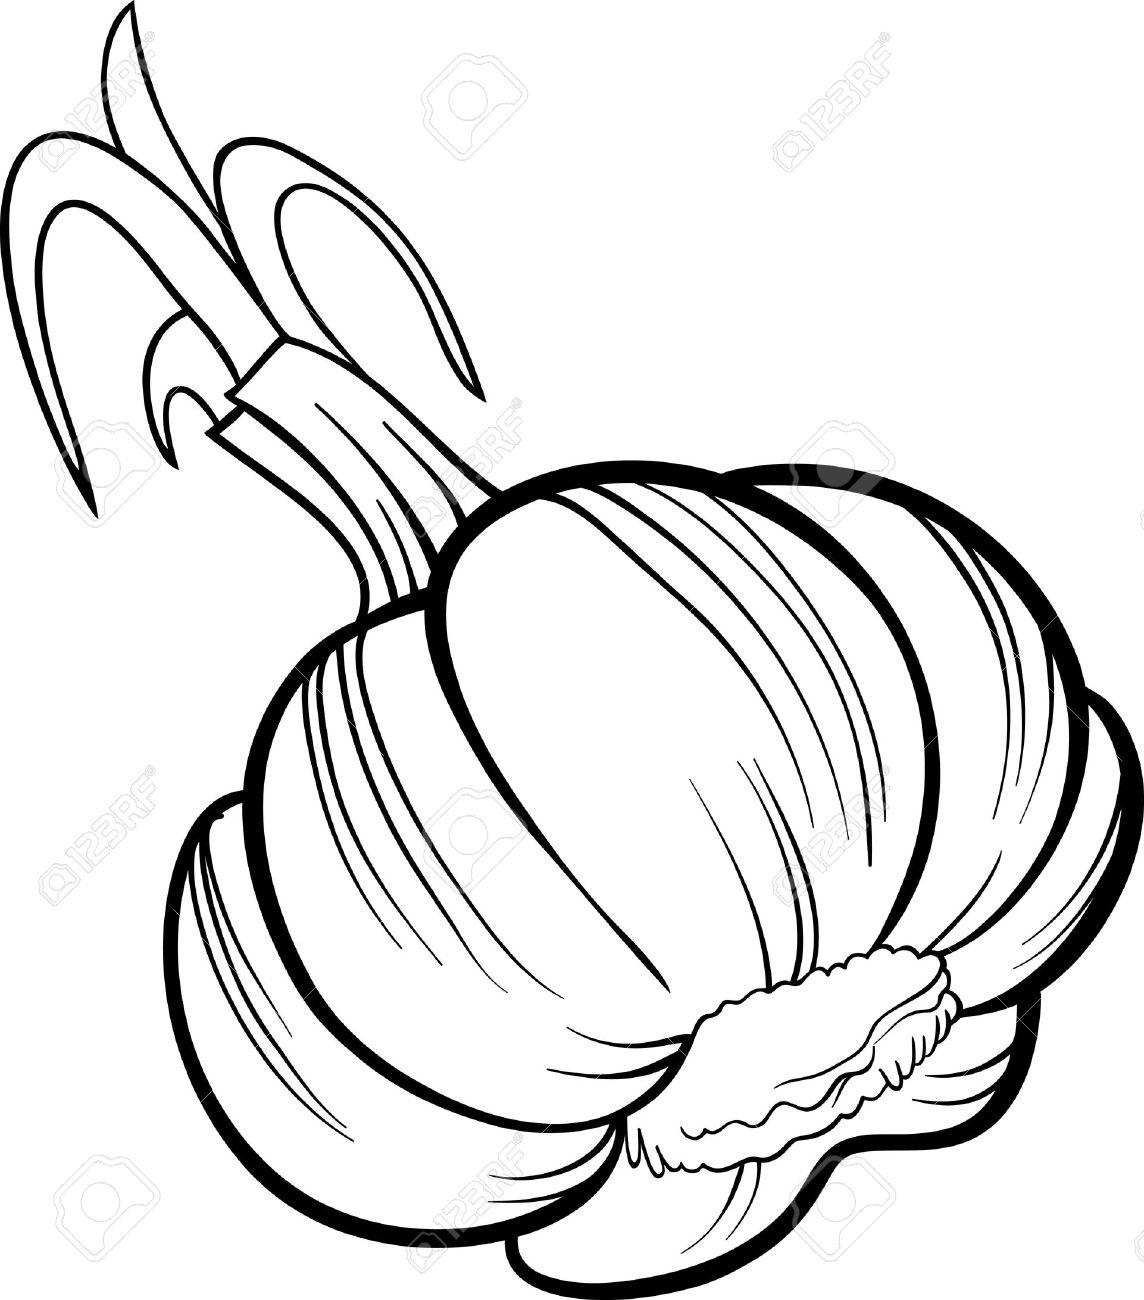 Coloriage Pomme Et Oignon Dessin Anime.Illustration De Dessin Anime Noir Et Blanc D Un Objet De Nourriture Pour Legumes A La Tete D Ail Pour Cahier De Coloriage